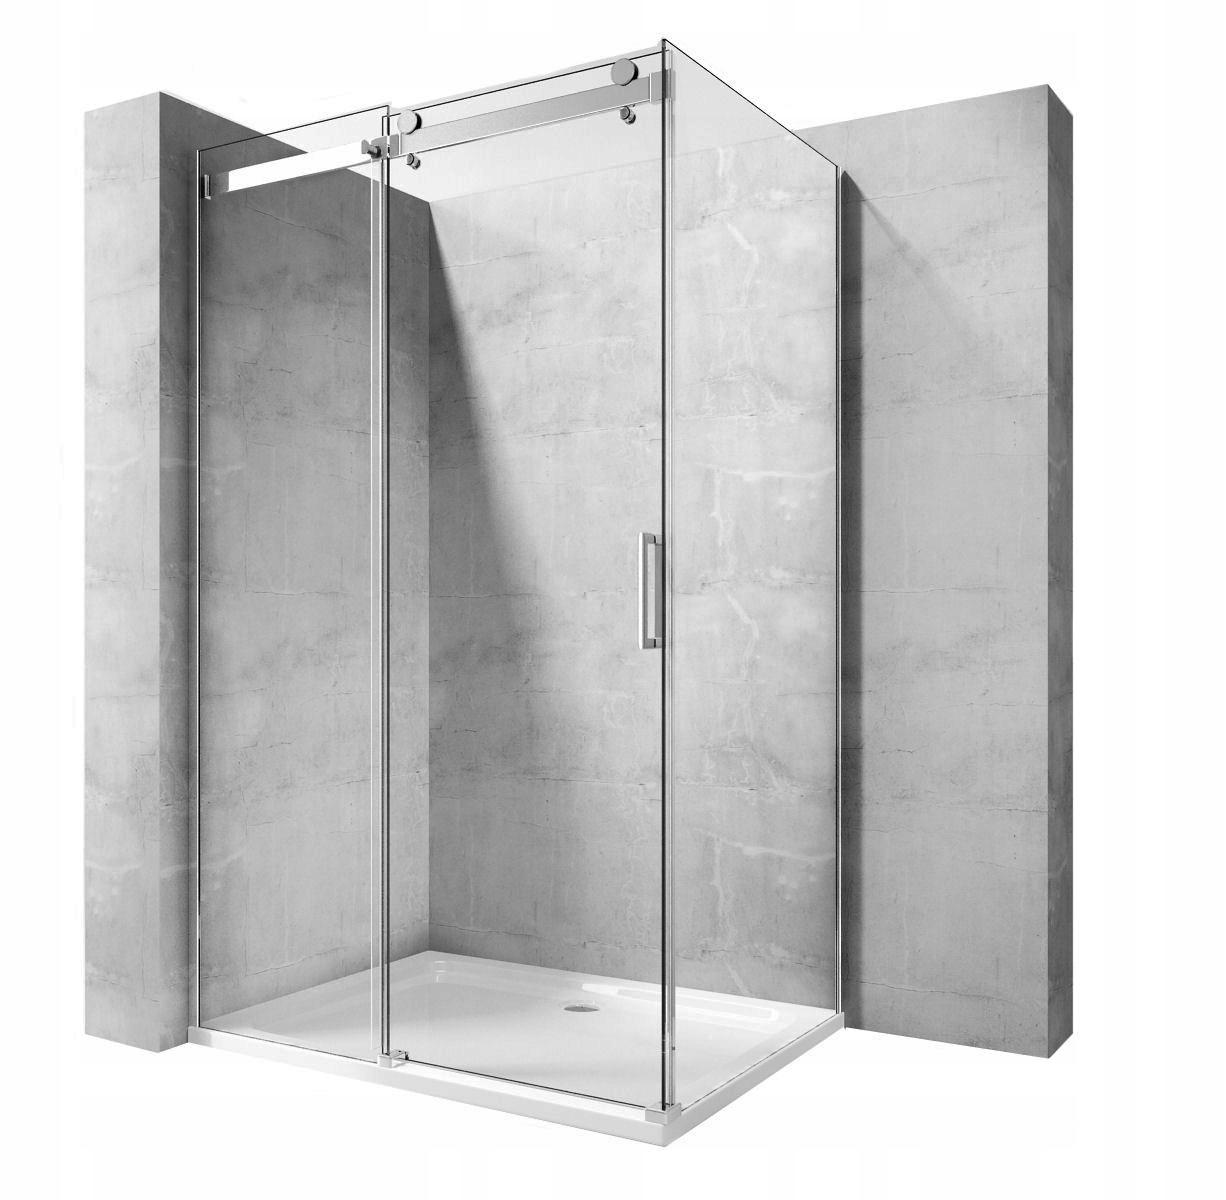 POSUVNÉ sprchové 140x80 cm, SKLO 8 MM